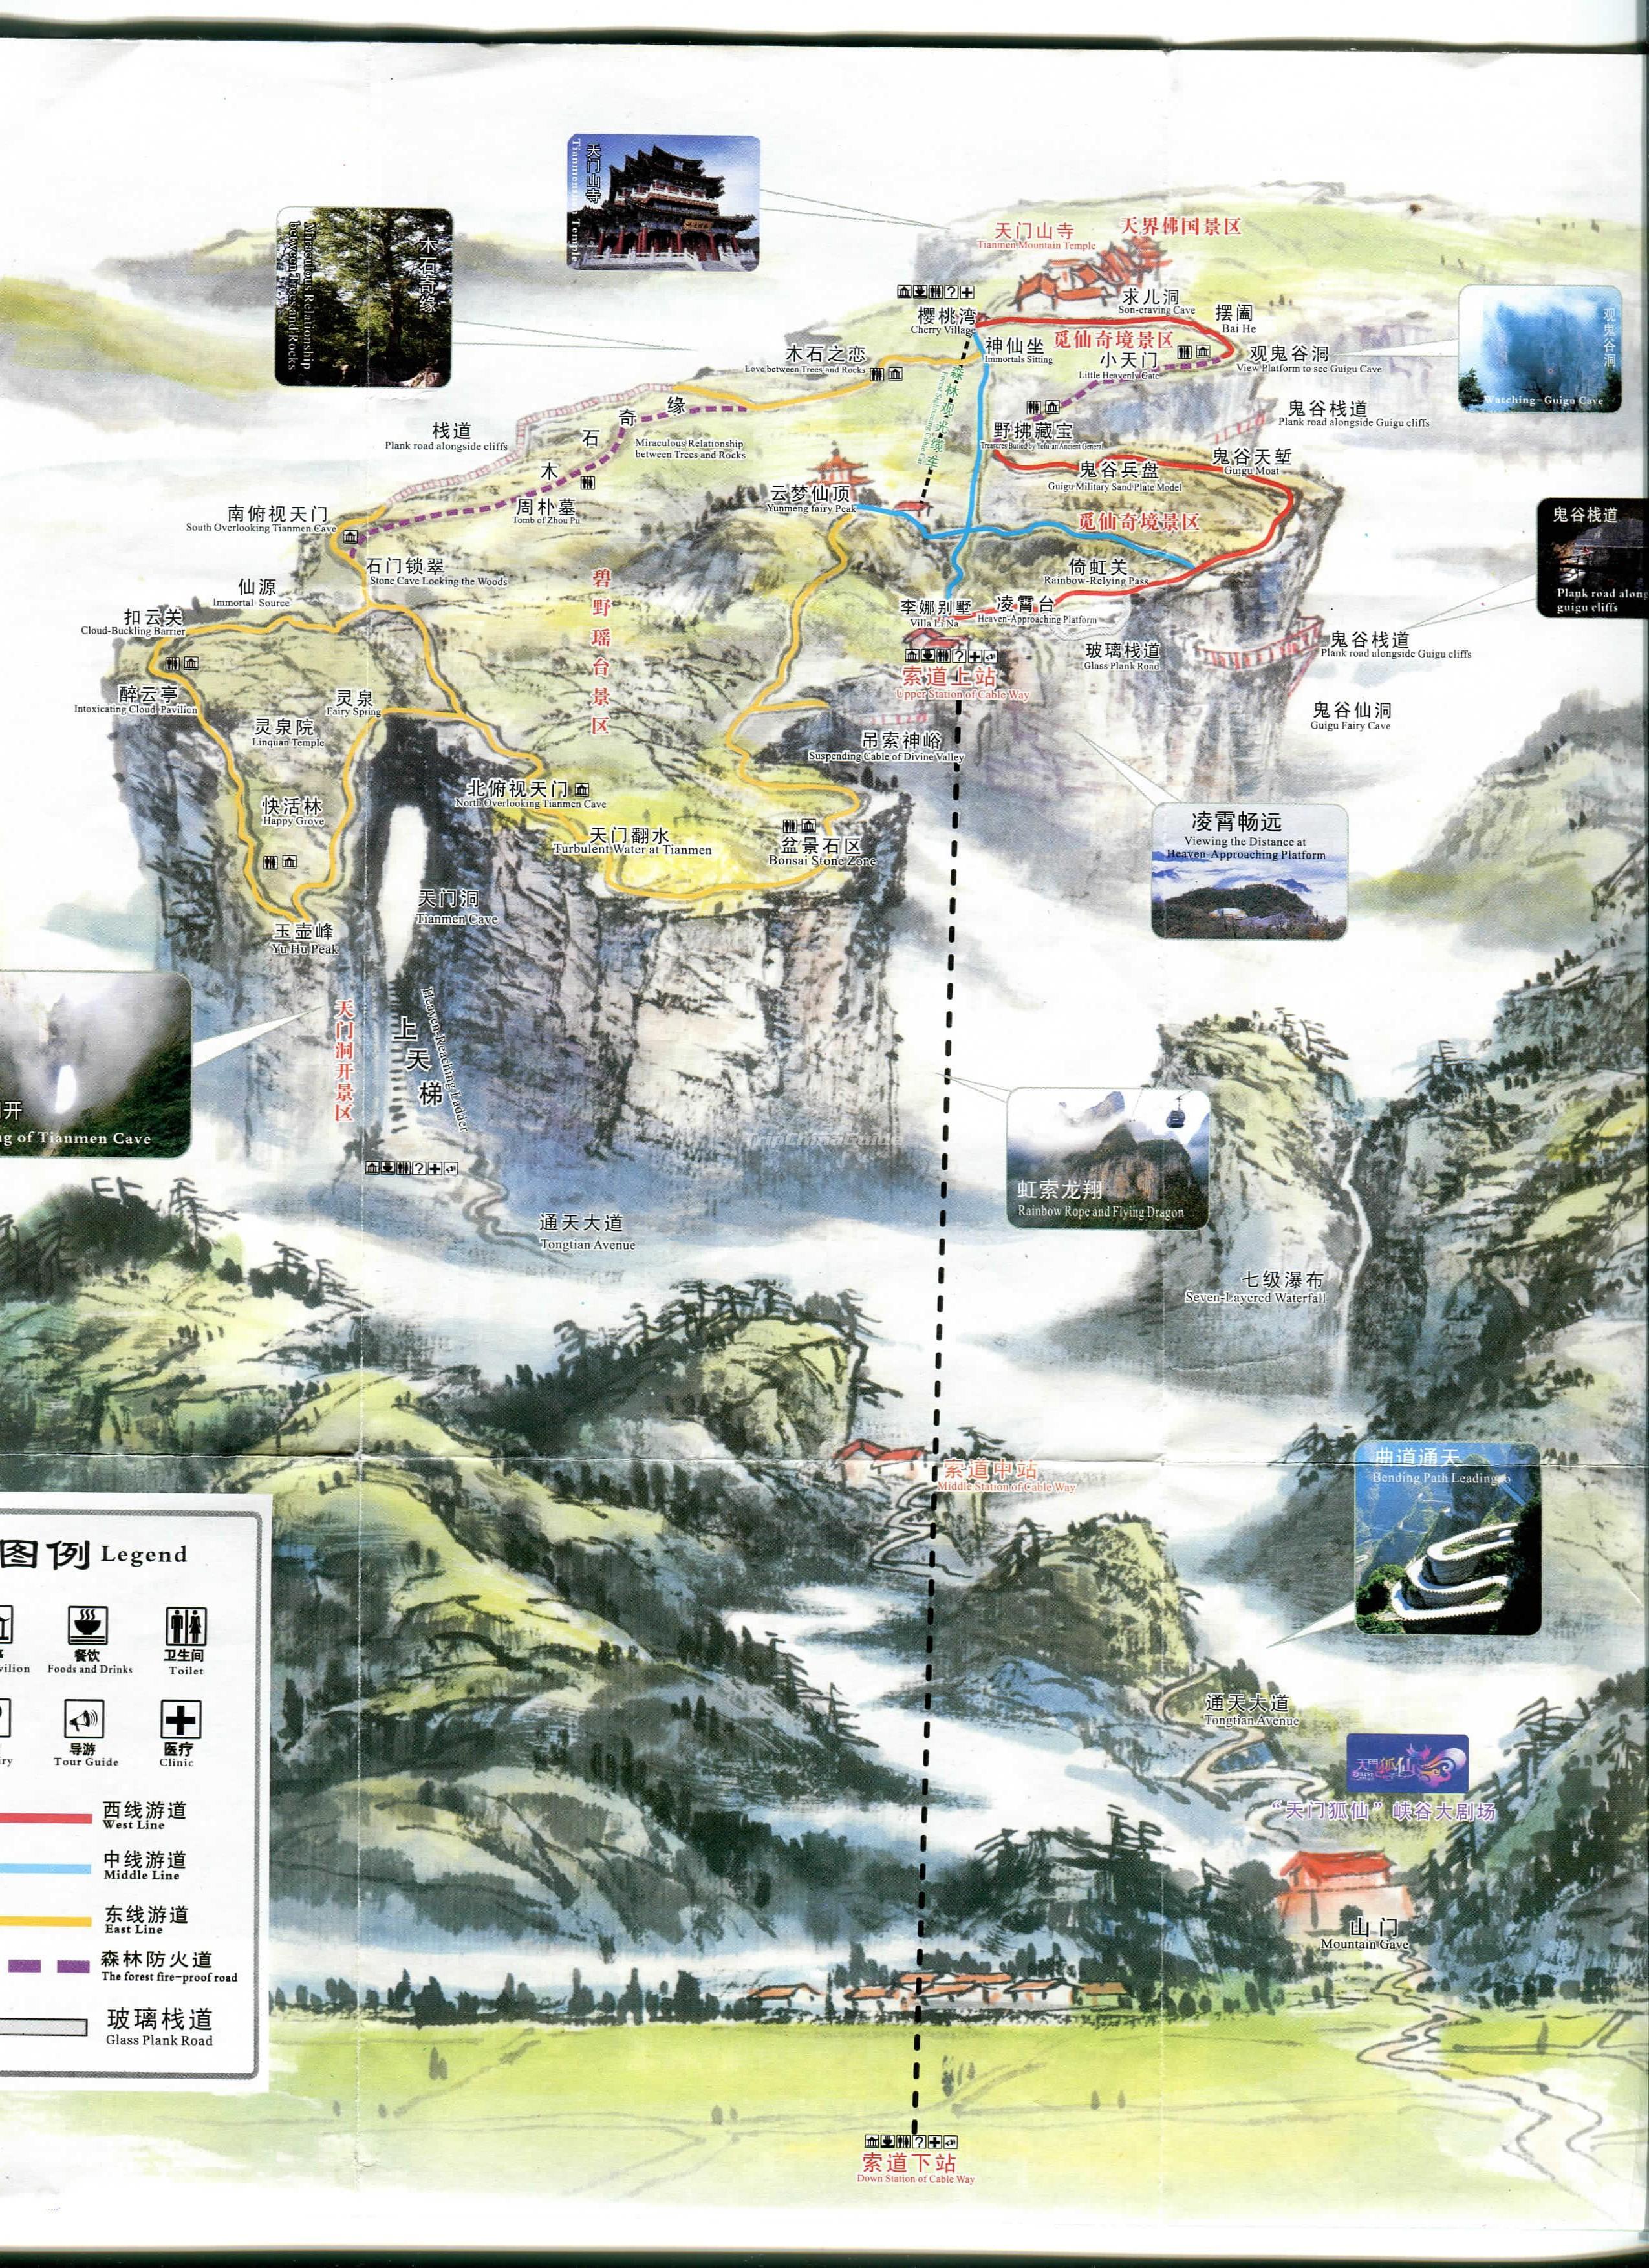 Tianmen Mountain National Forest Park Map, Zhangjiajie - Zhangjiajie on